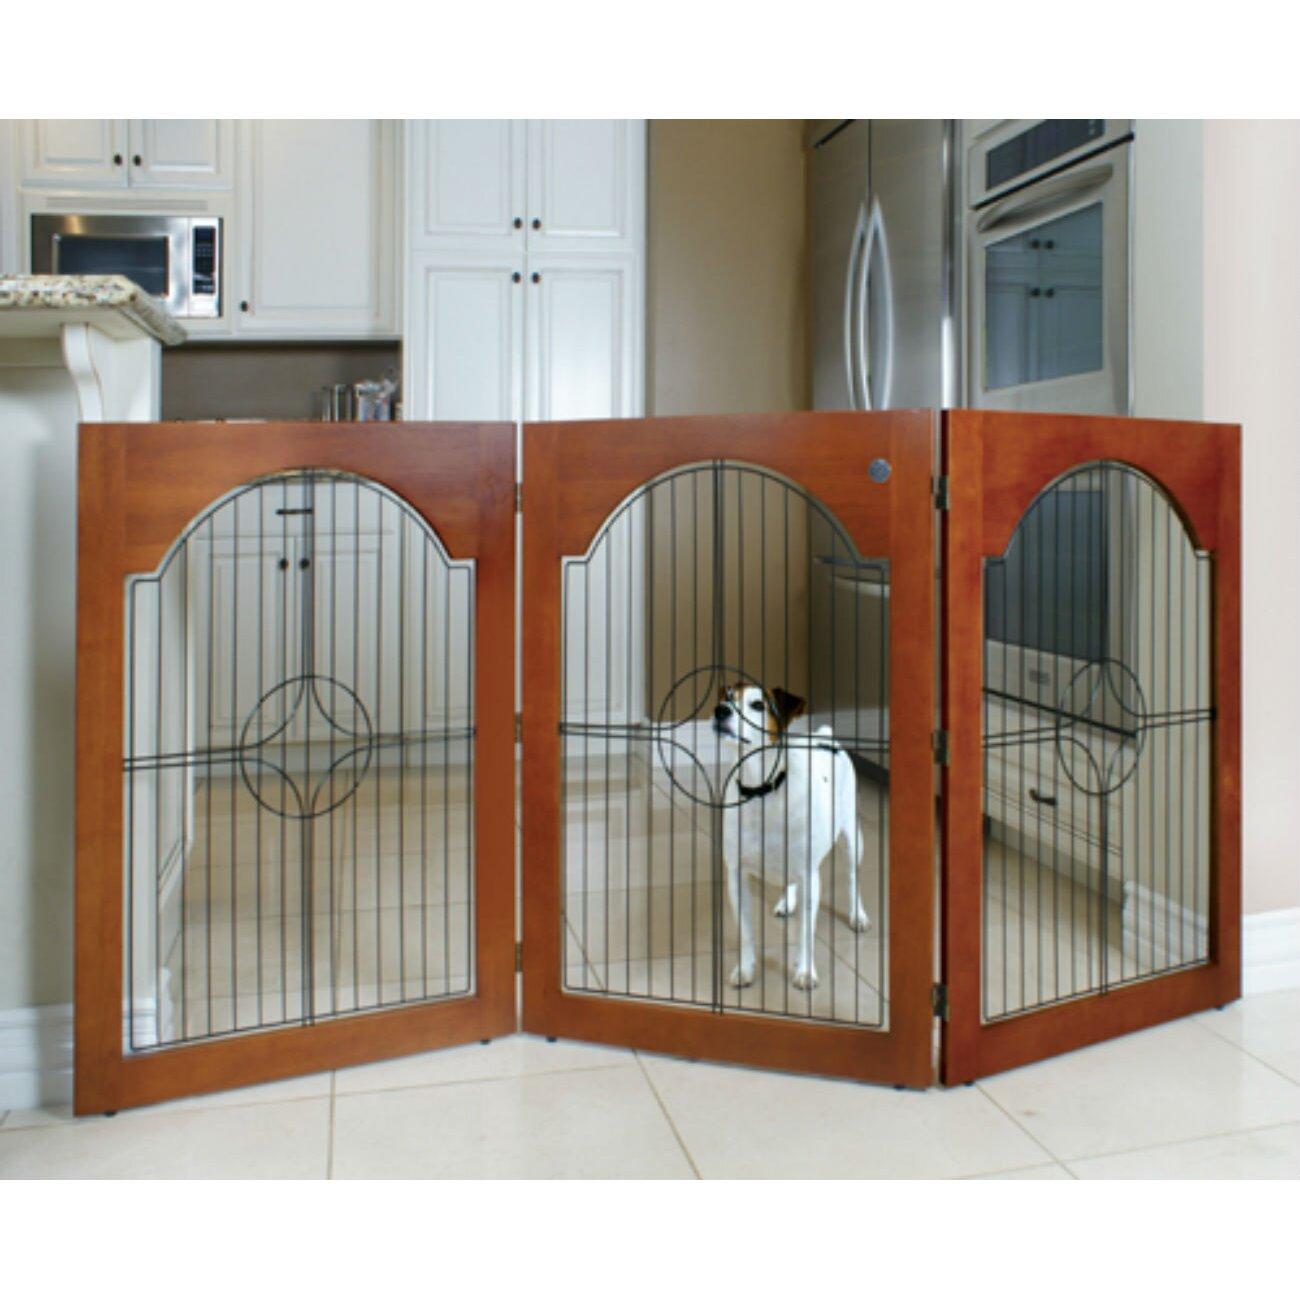 Zebra Pet Gate Wood Wire Pet Gate